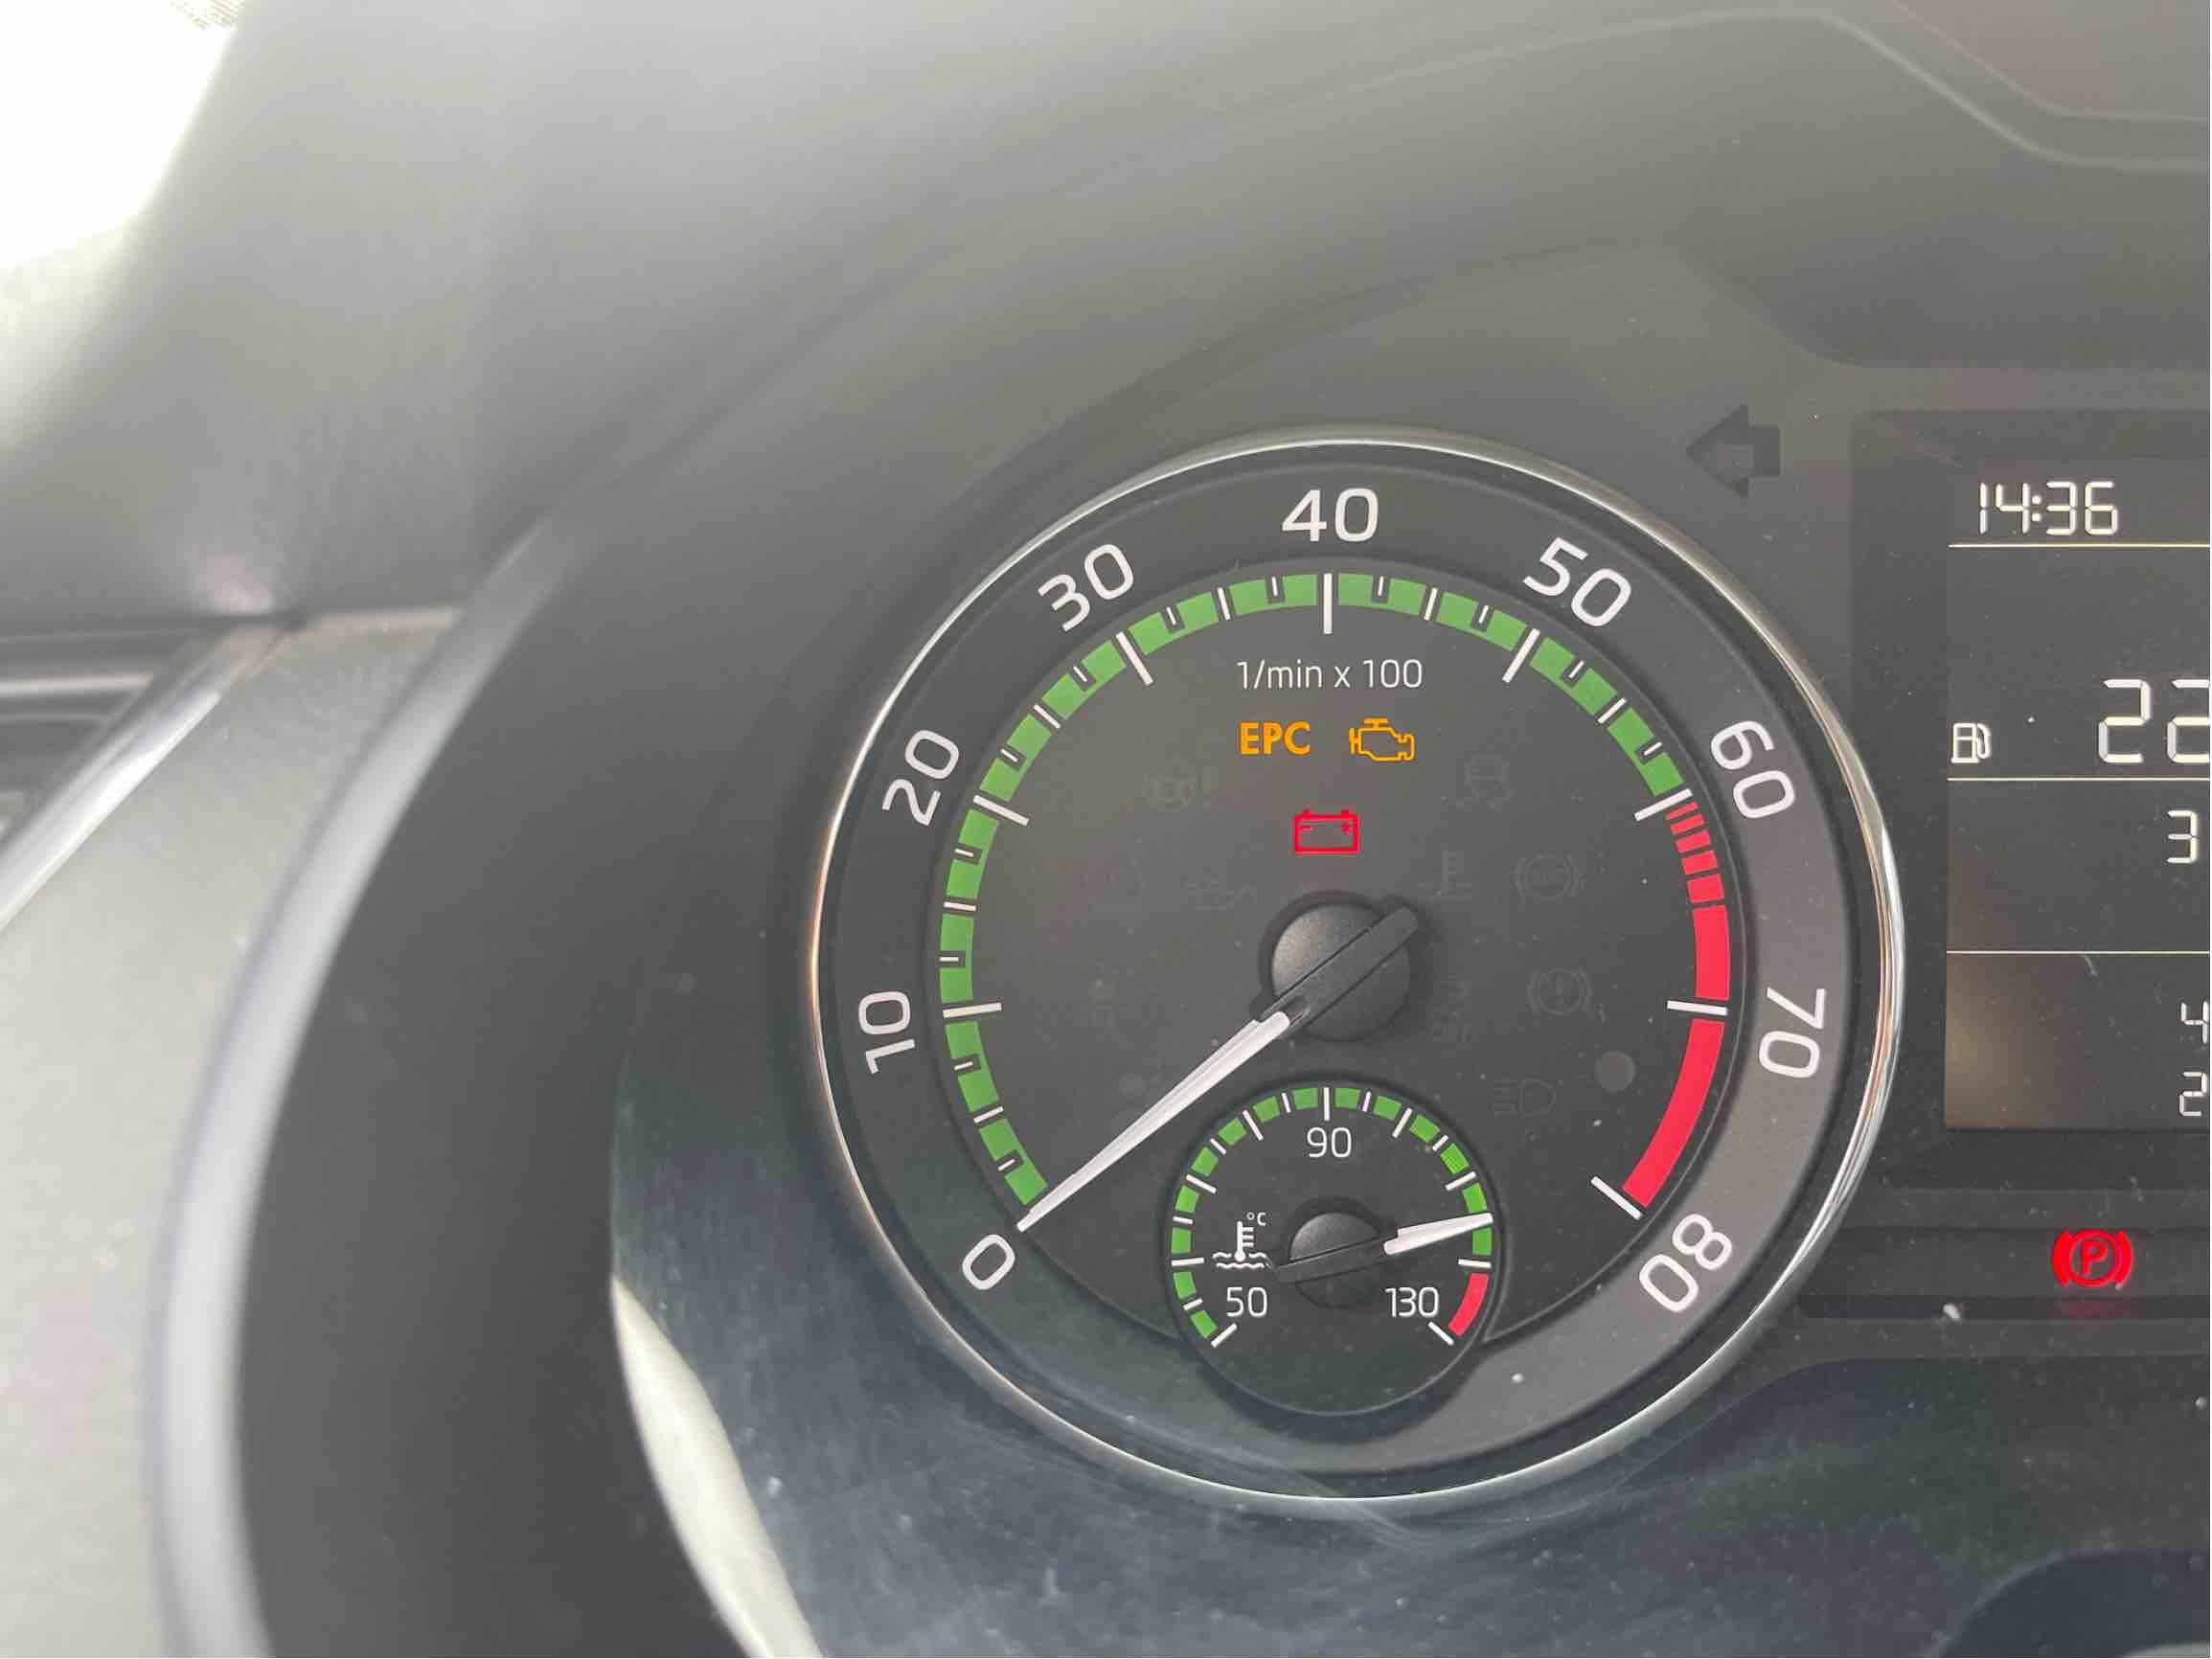 周口锐达汽车销售服务有限公司,开空调水箱高温